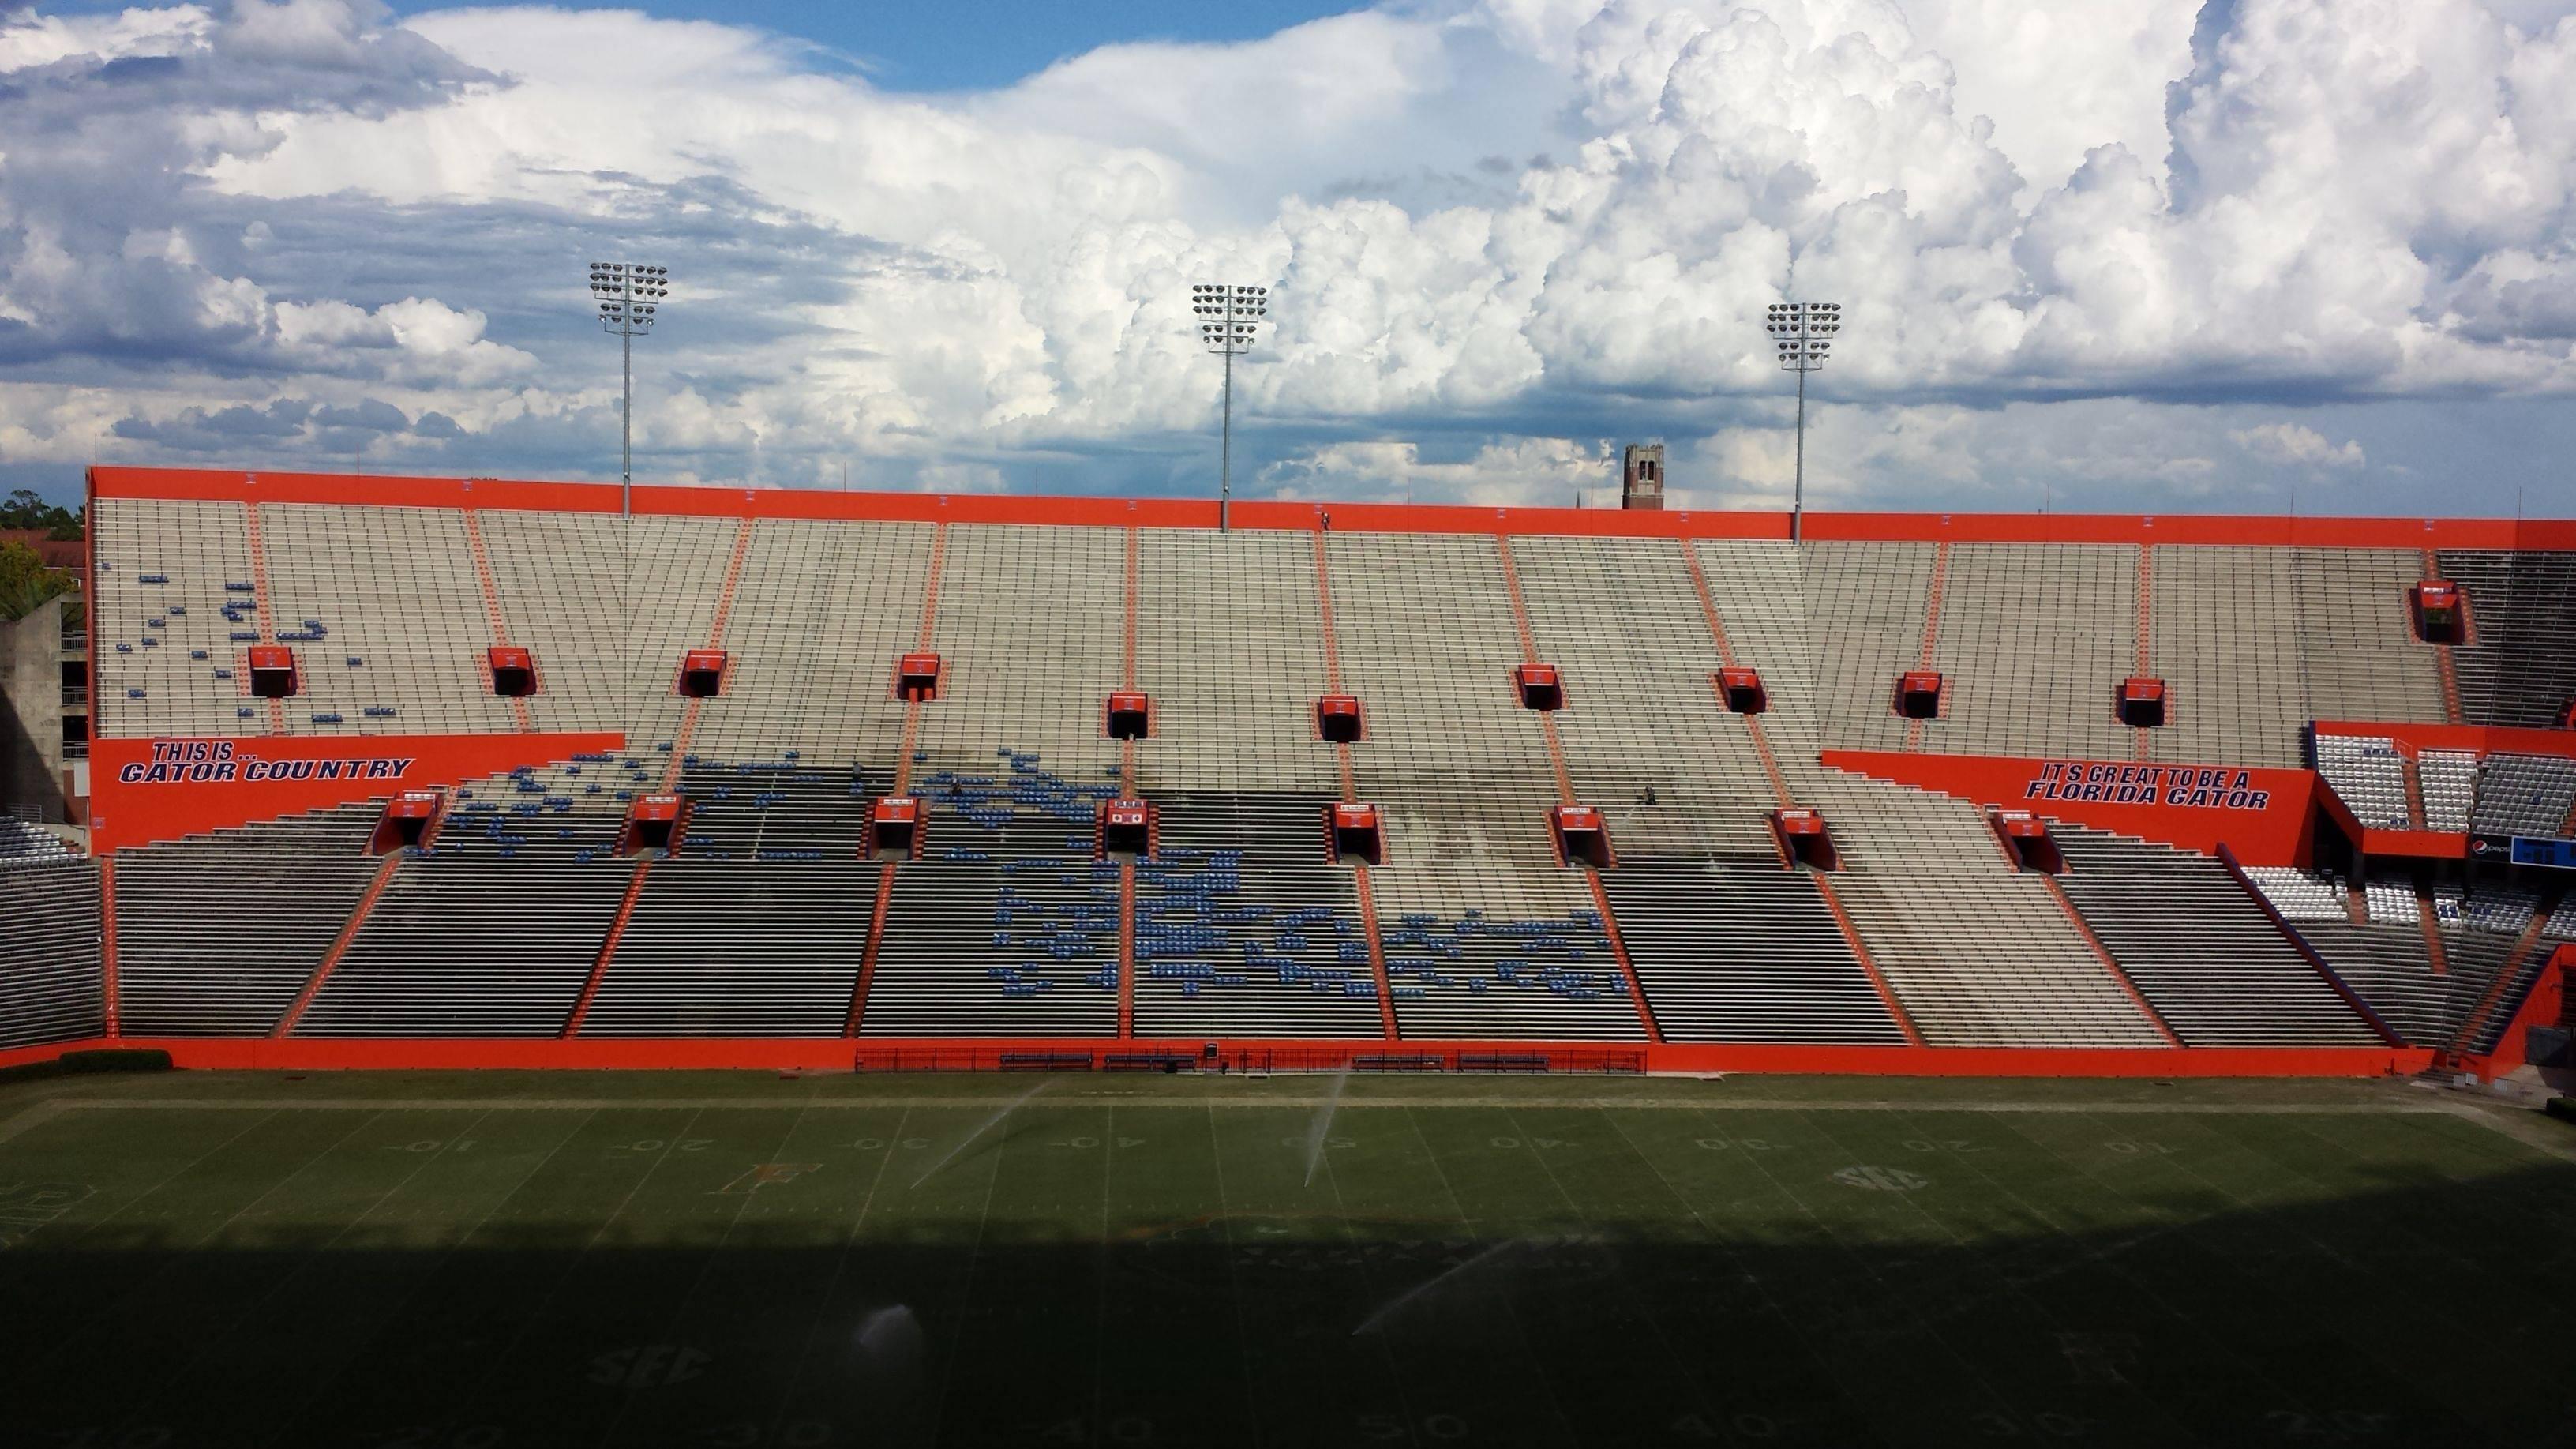 Stadio di calcio americano dell'Univesità della Florida (EEUU)